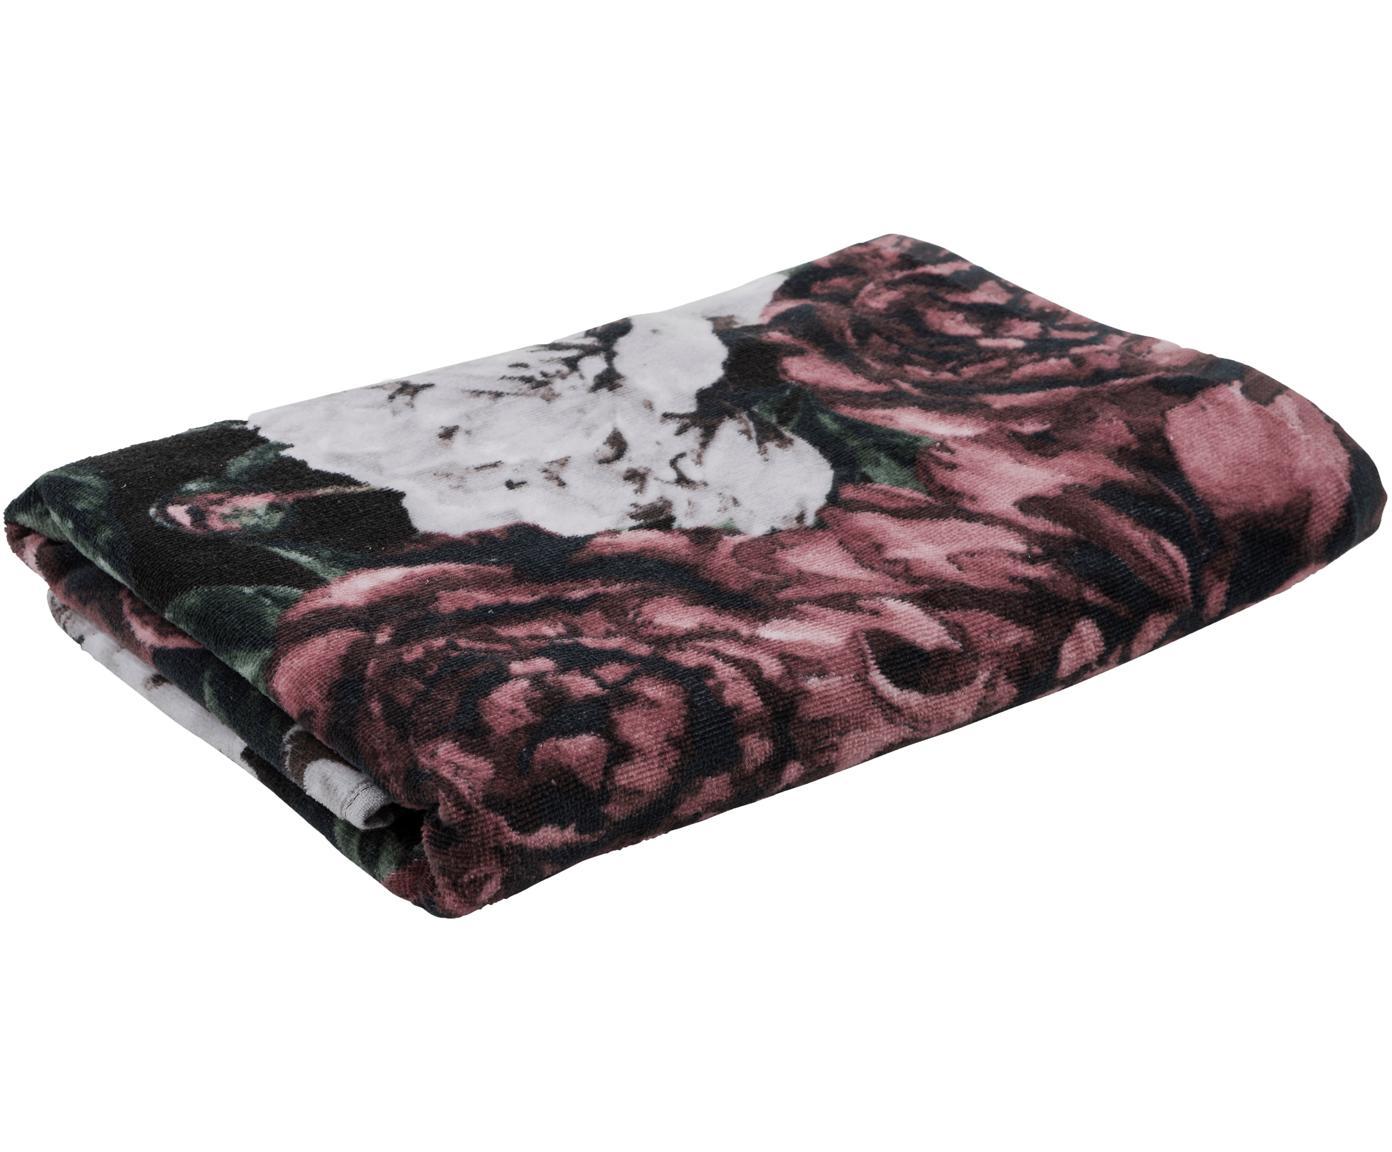 Handdoek met bloemen patroon Allison, Katoen, lichte kwaliteit 350 g/m², Rood, groen, wit, zwart, Gastendoekje